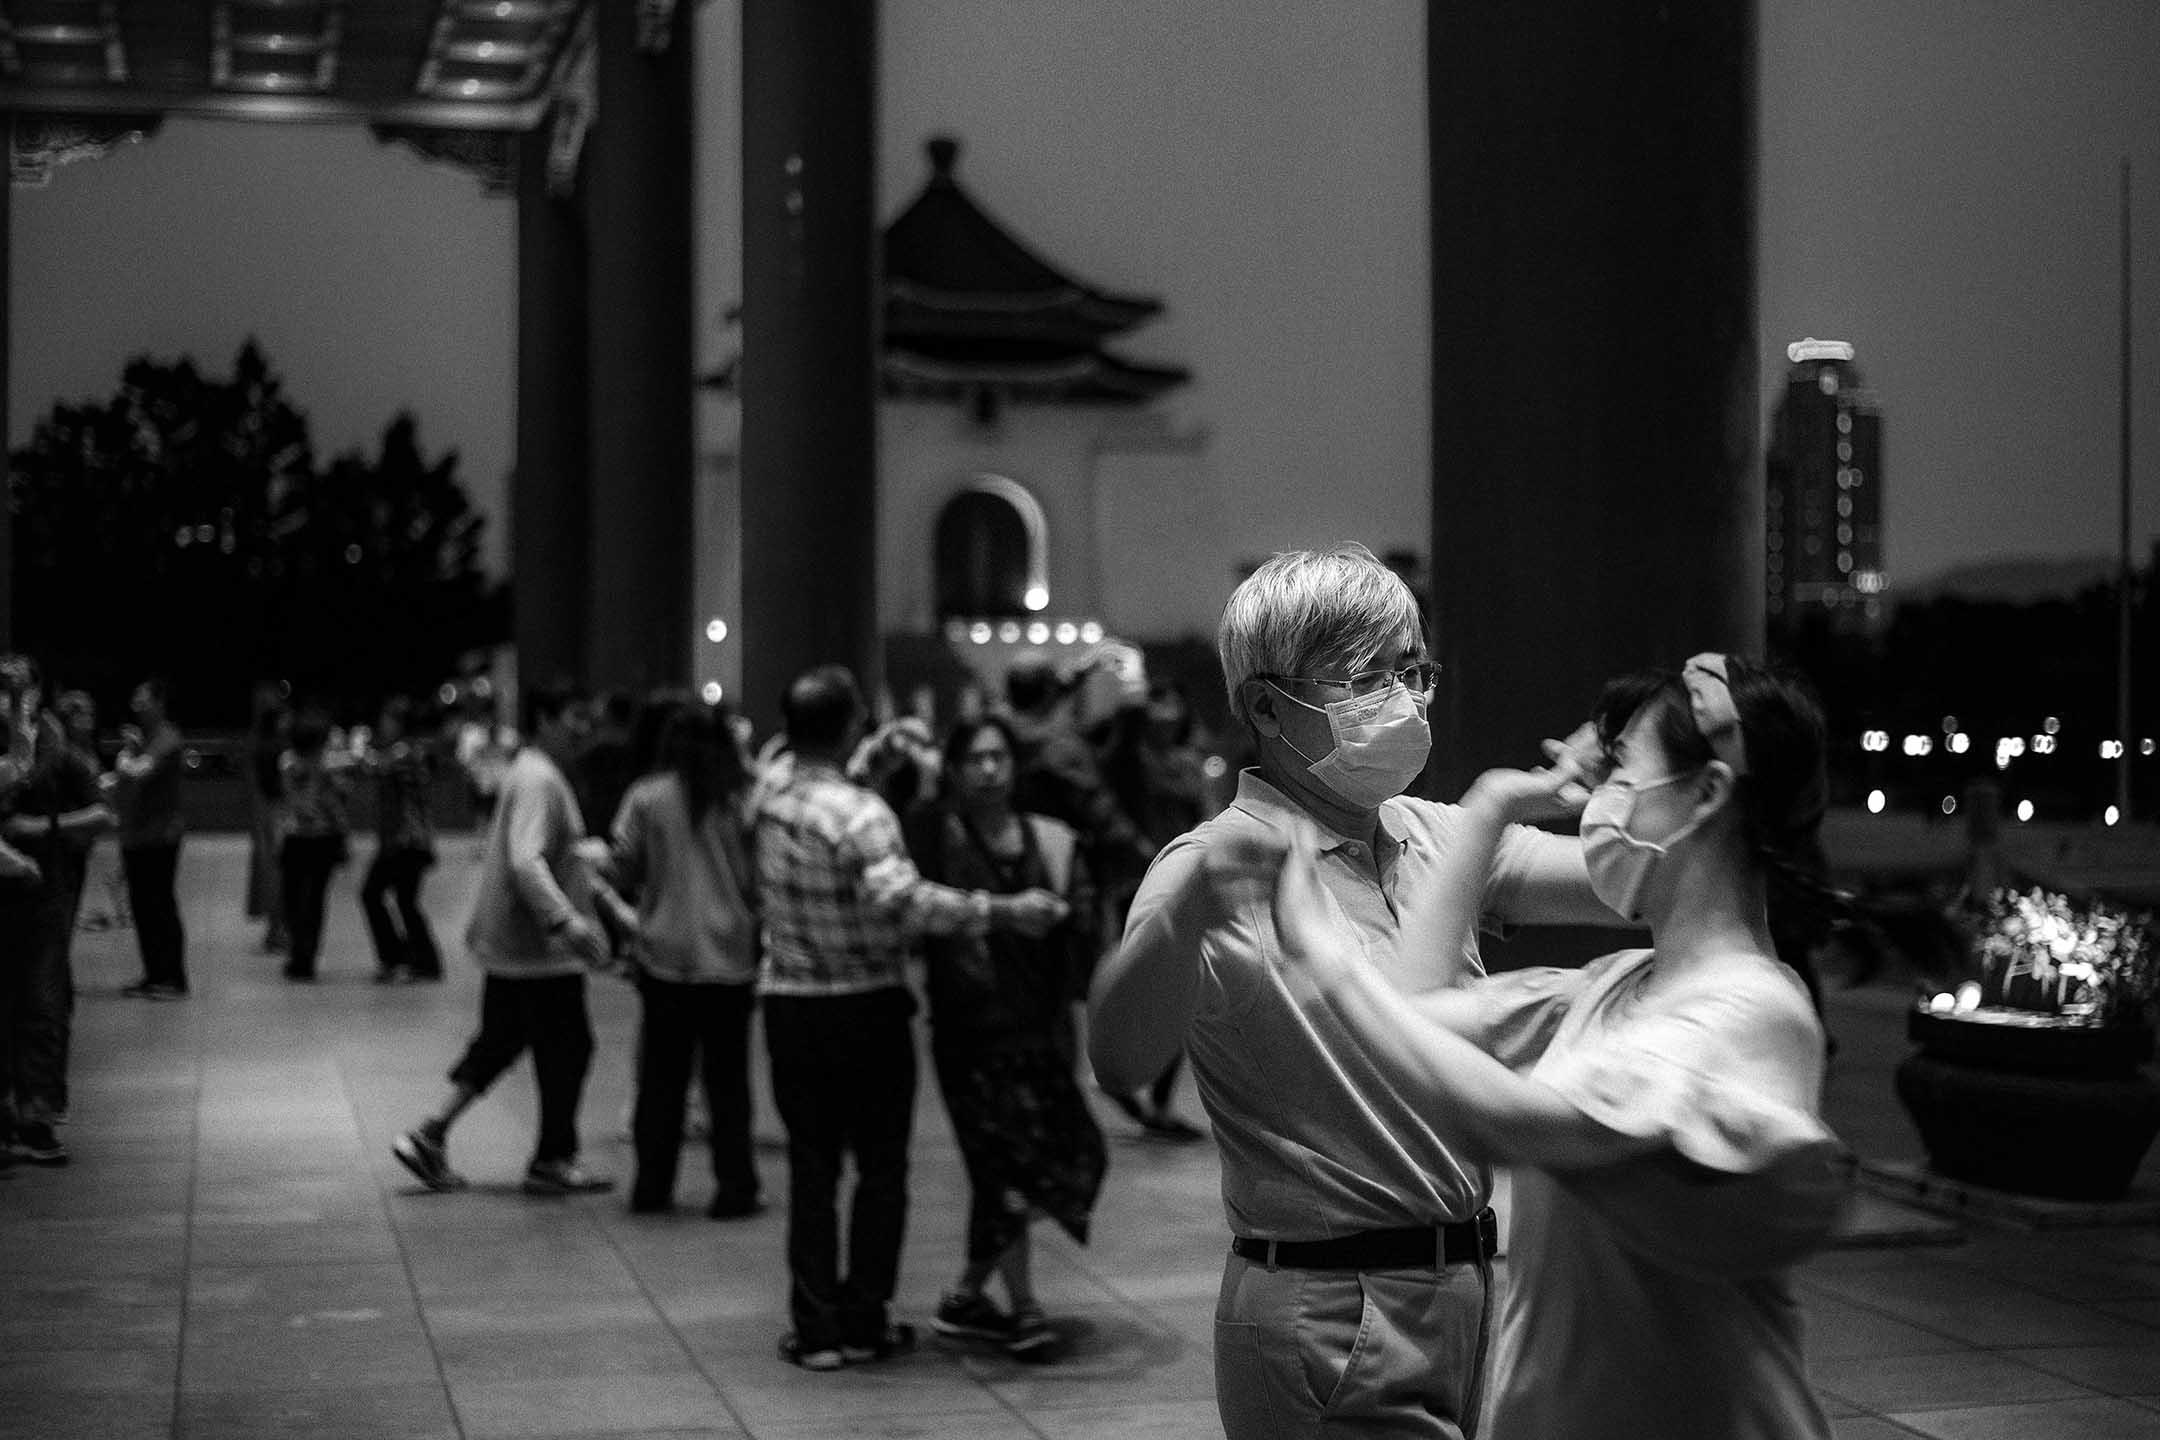 2020年3月29台北,市民在自由廣場上戴著口罩跳舞。